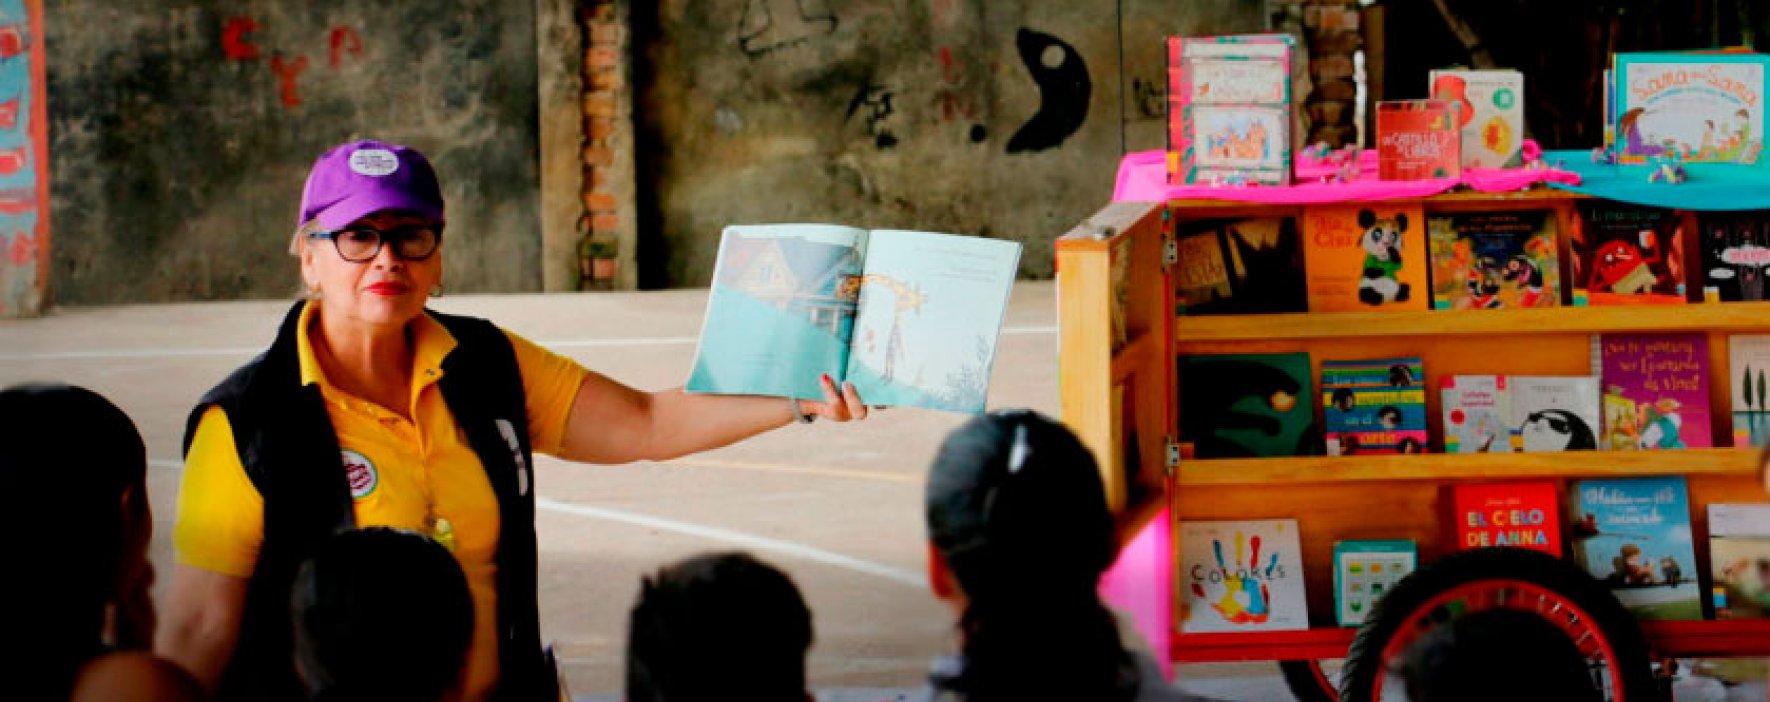 Programa nacional de bibliotecas itinerantes abre convocatoria 2020